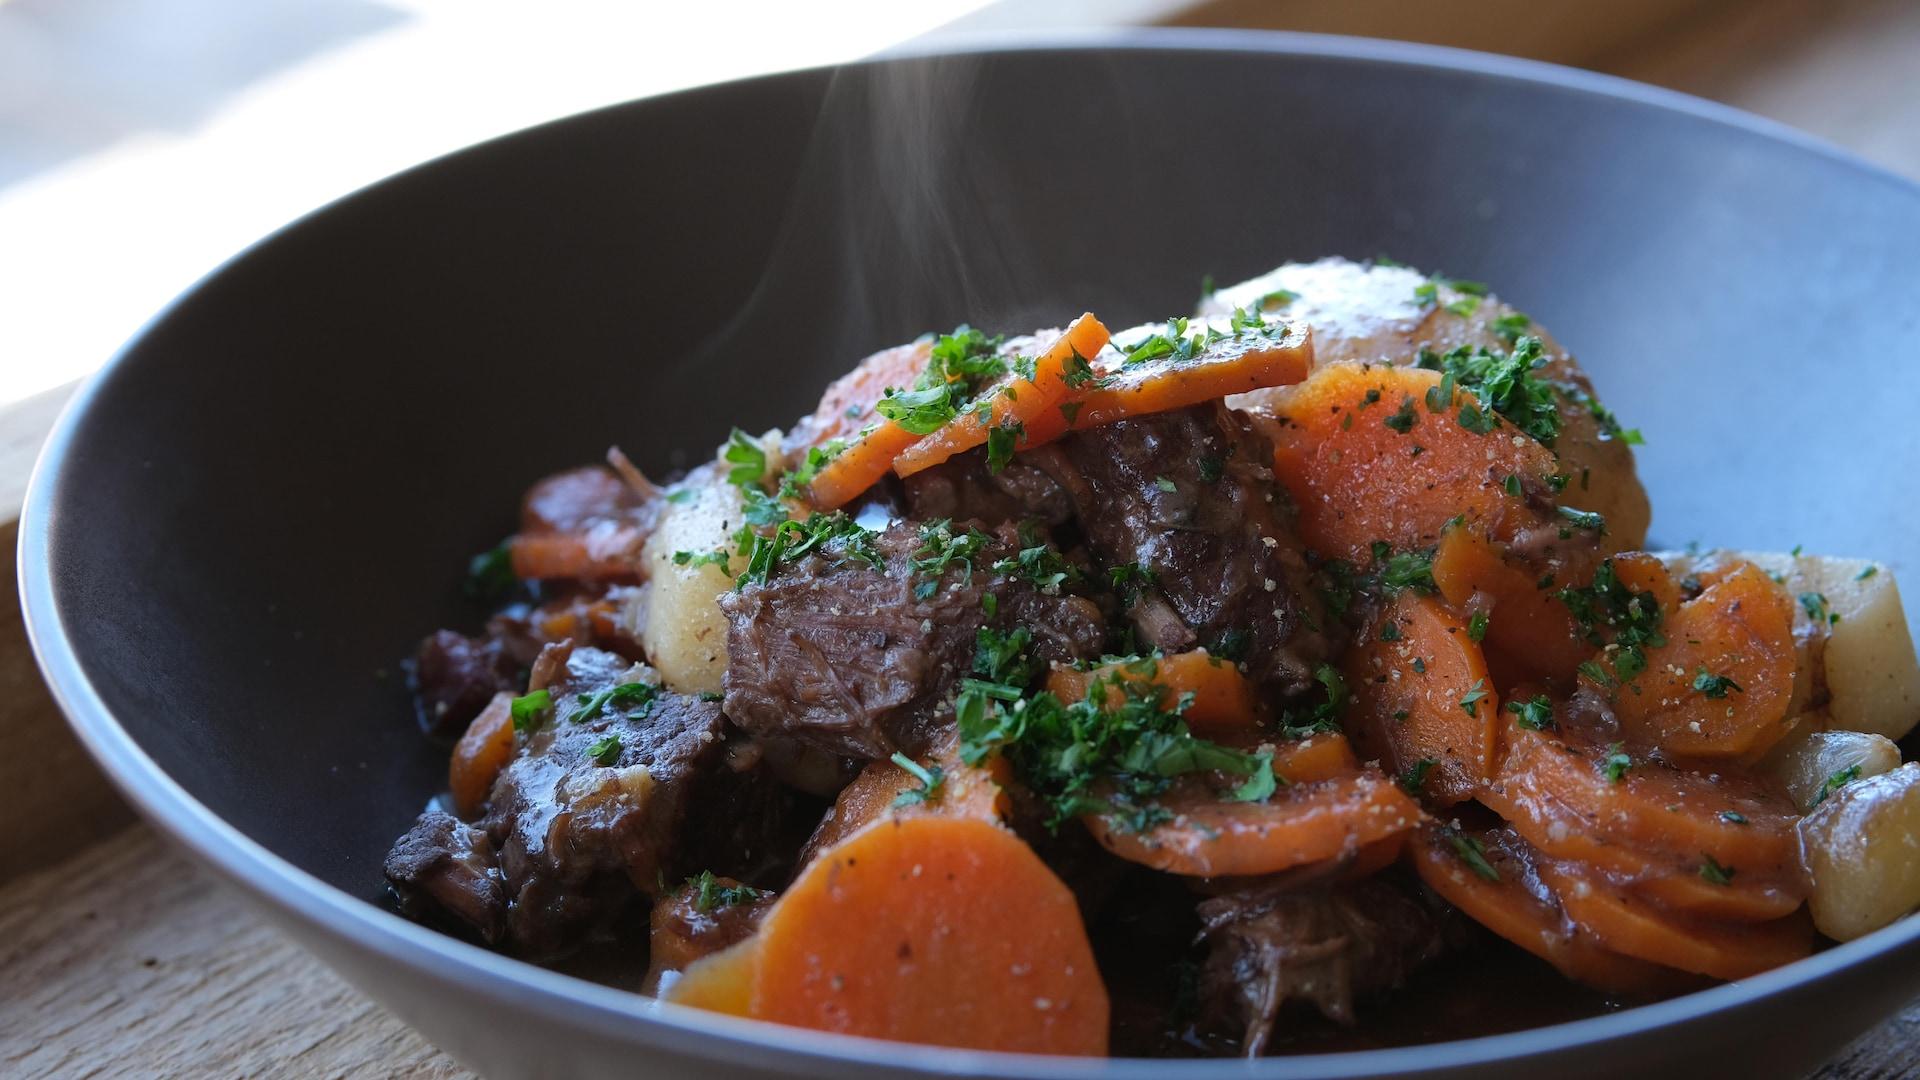 Un plat de bœuf bourguignon.